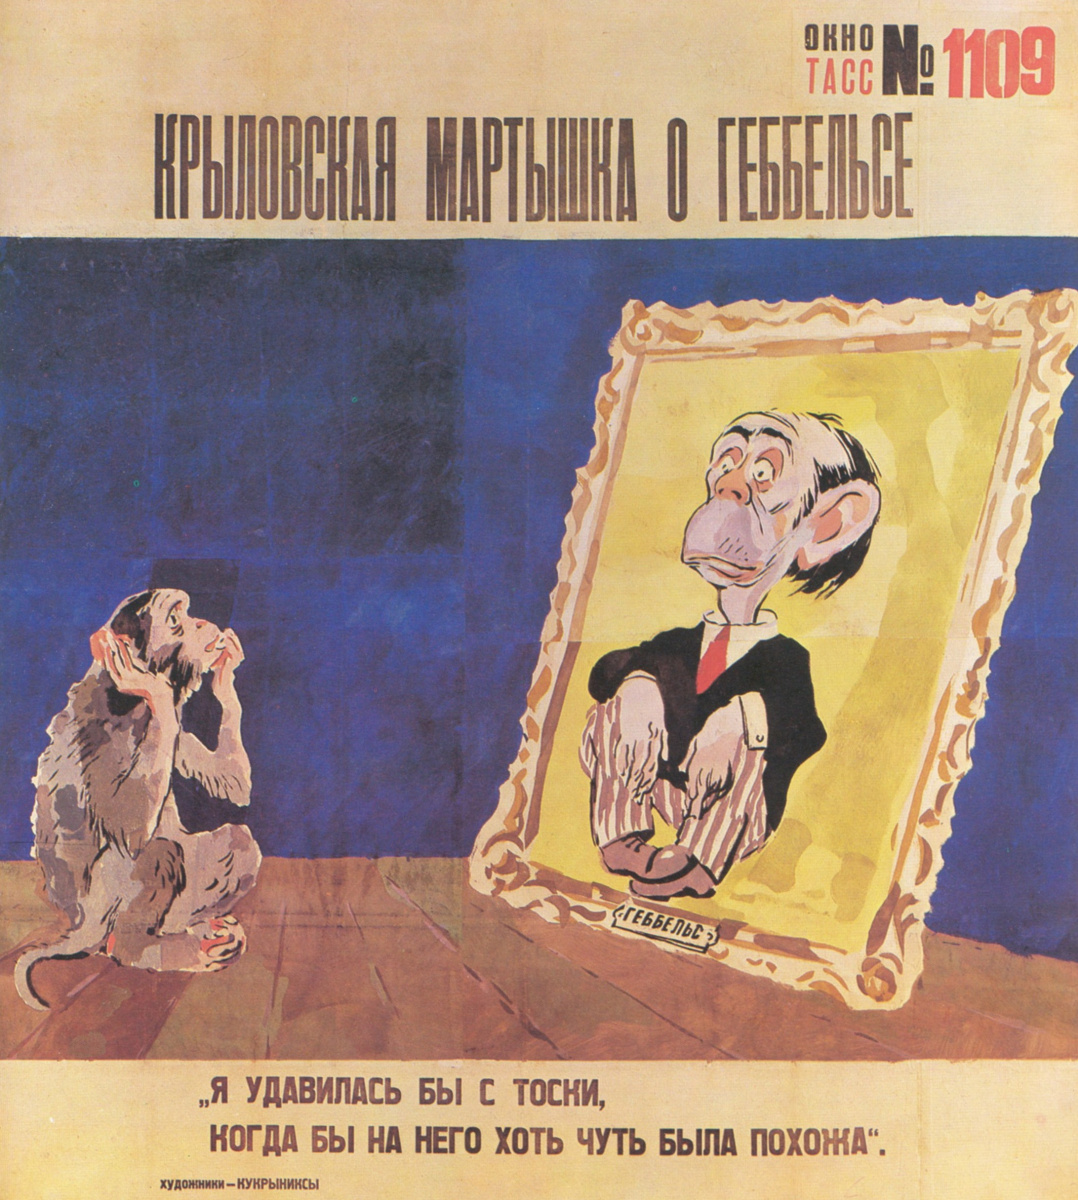 Kukryniksy. Krylovskaya martyshka of Goebbels. Window of TASS № 1109